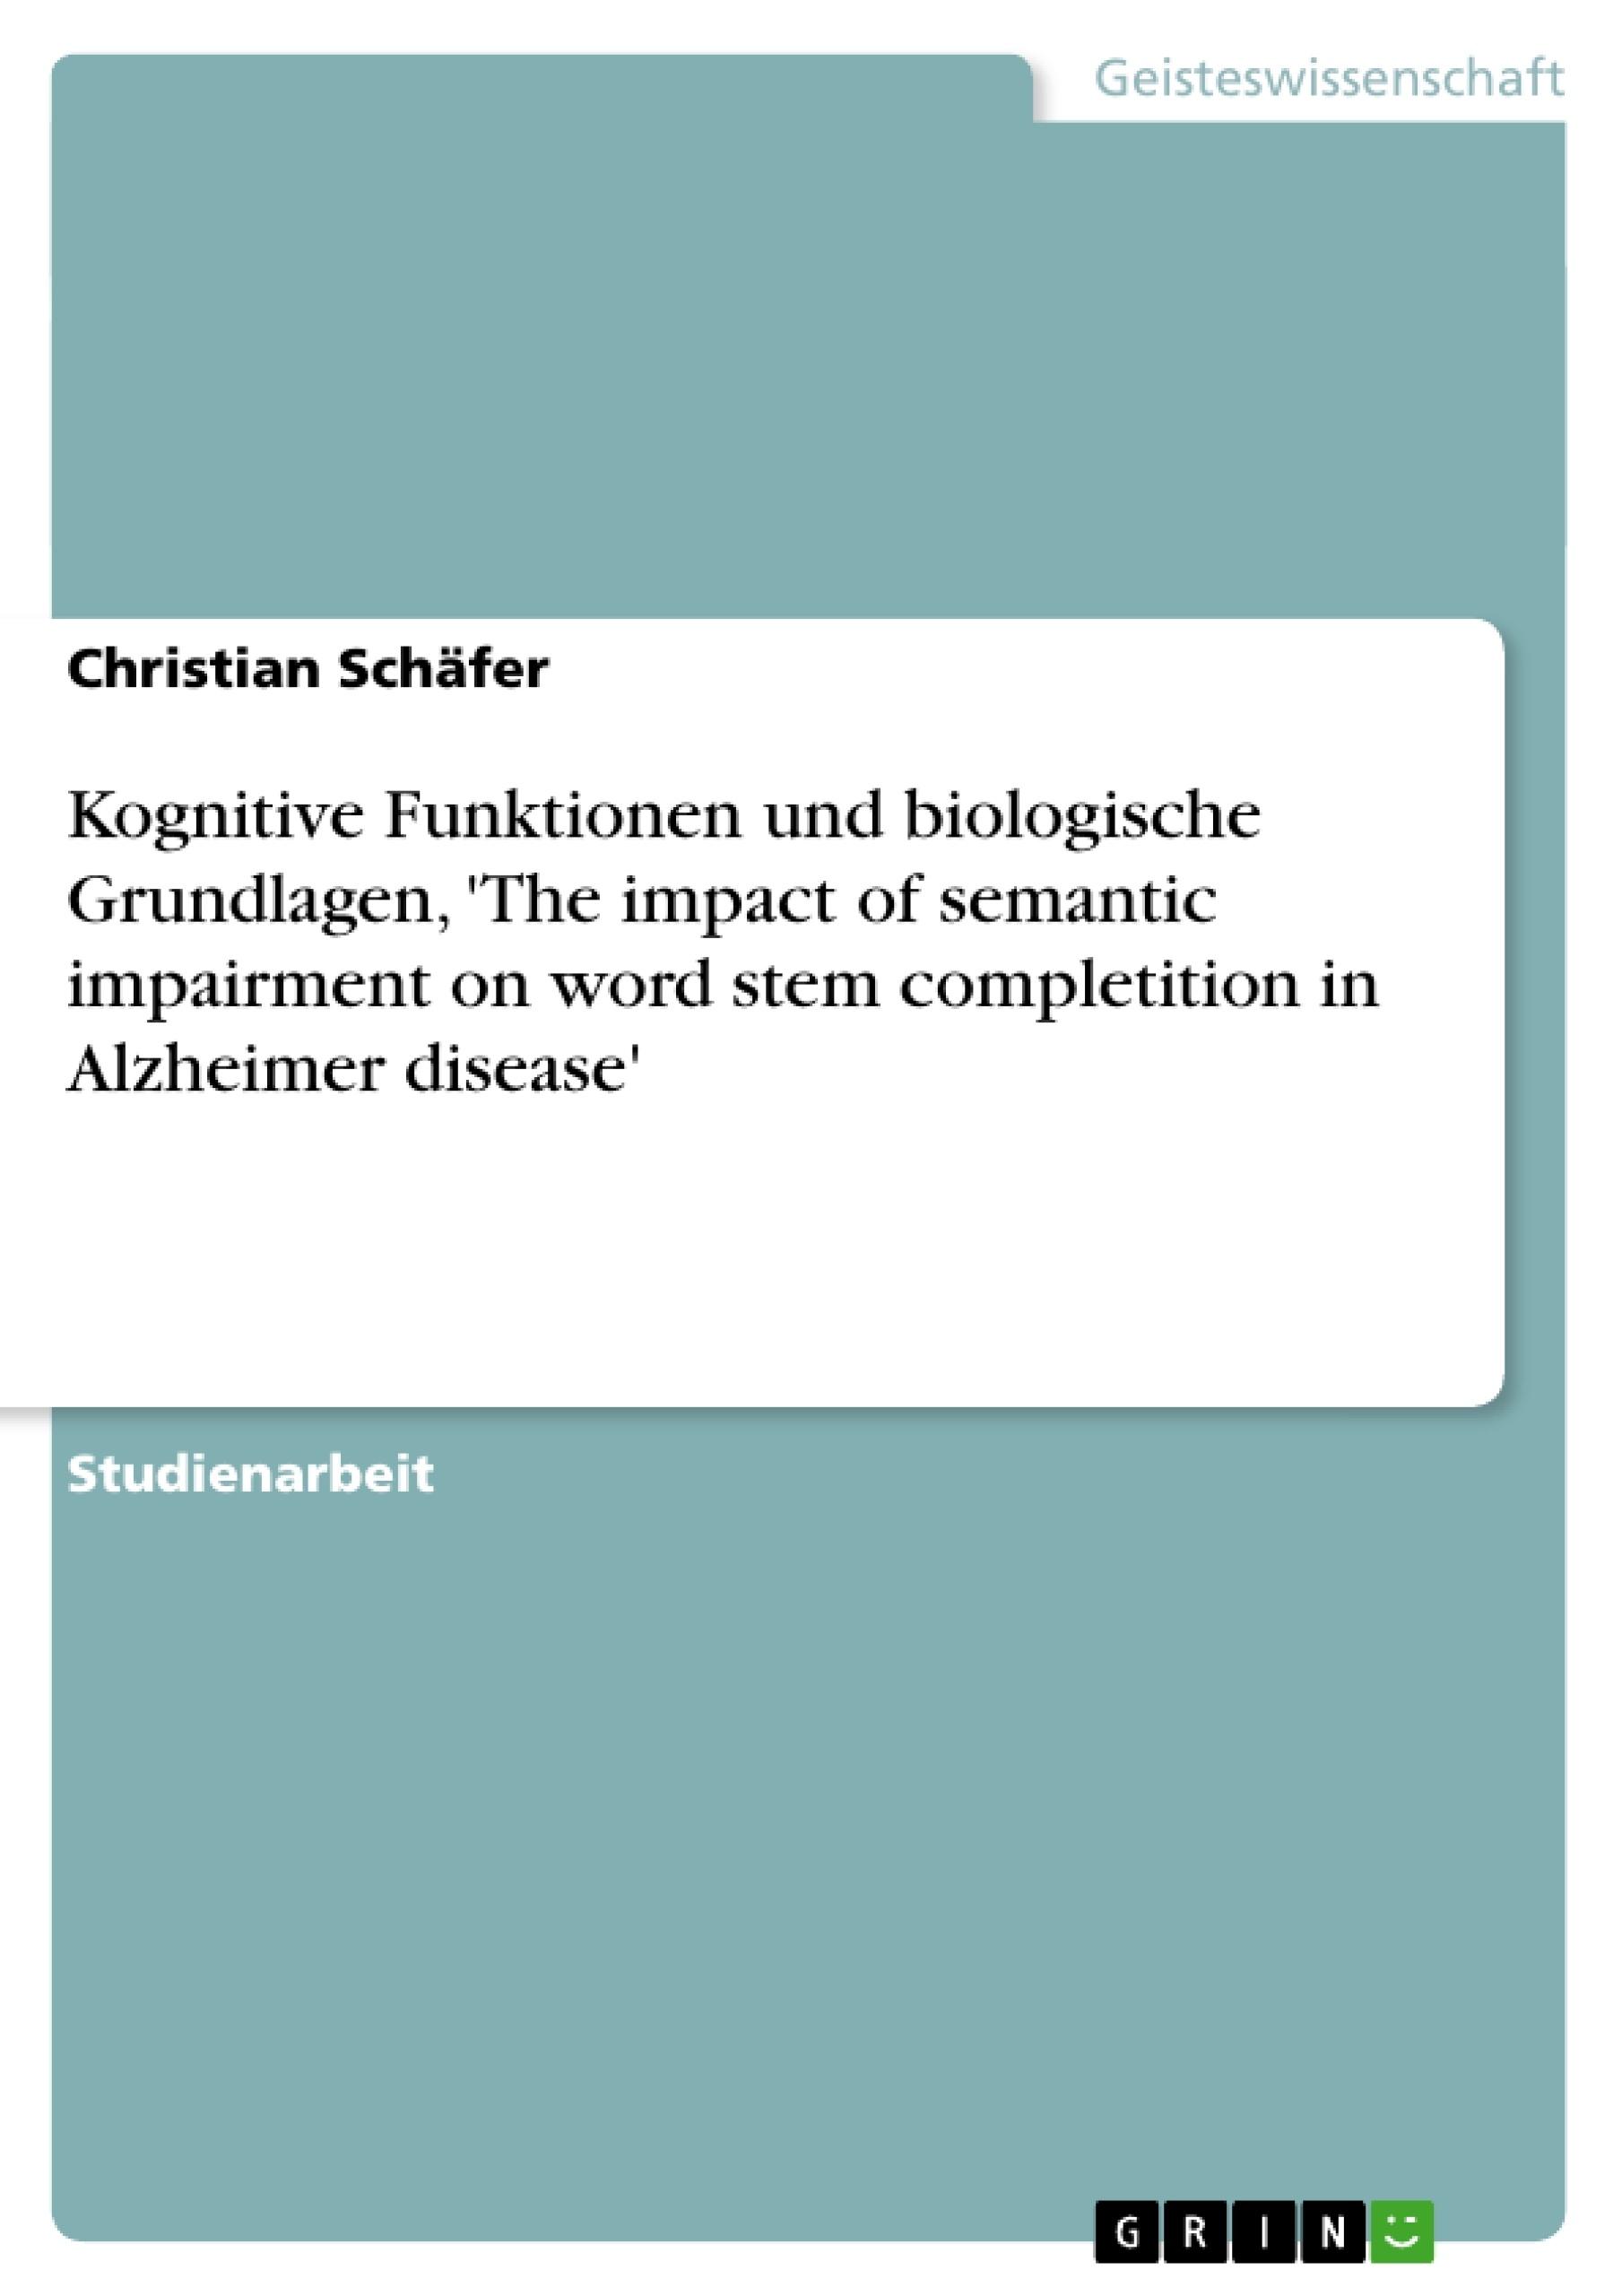 Titel: Kognitive Funktionen und biologische Grundlagen, 'The impact of semantic impairment on word stem completition in Alzheimer disease'